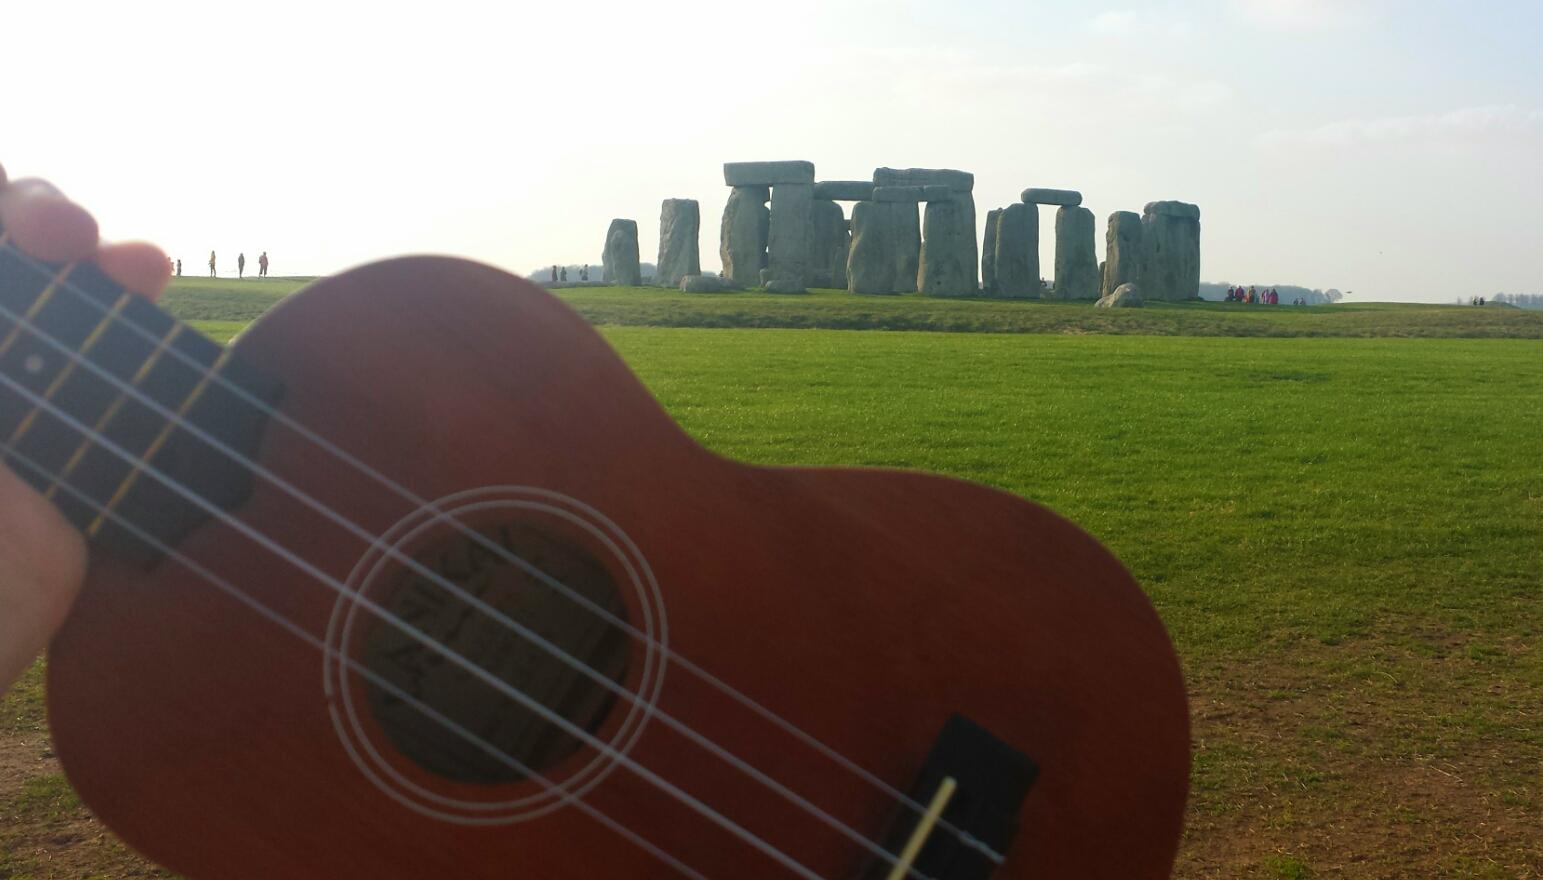 Once in 2015 I brought a ukulele to Stonehenge